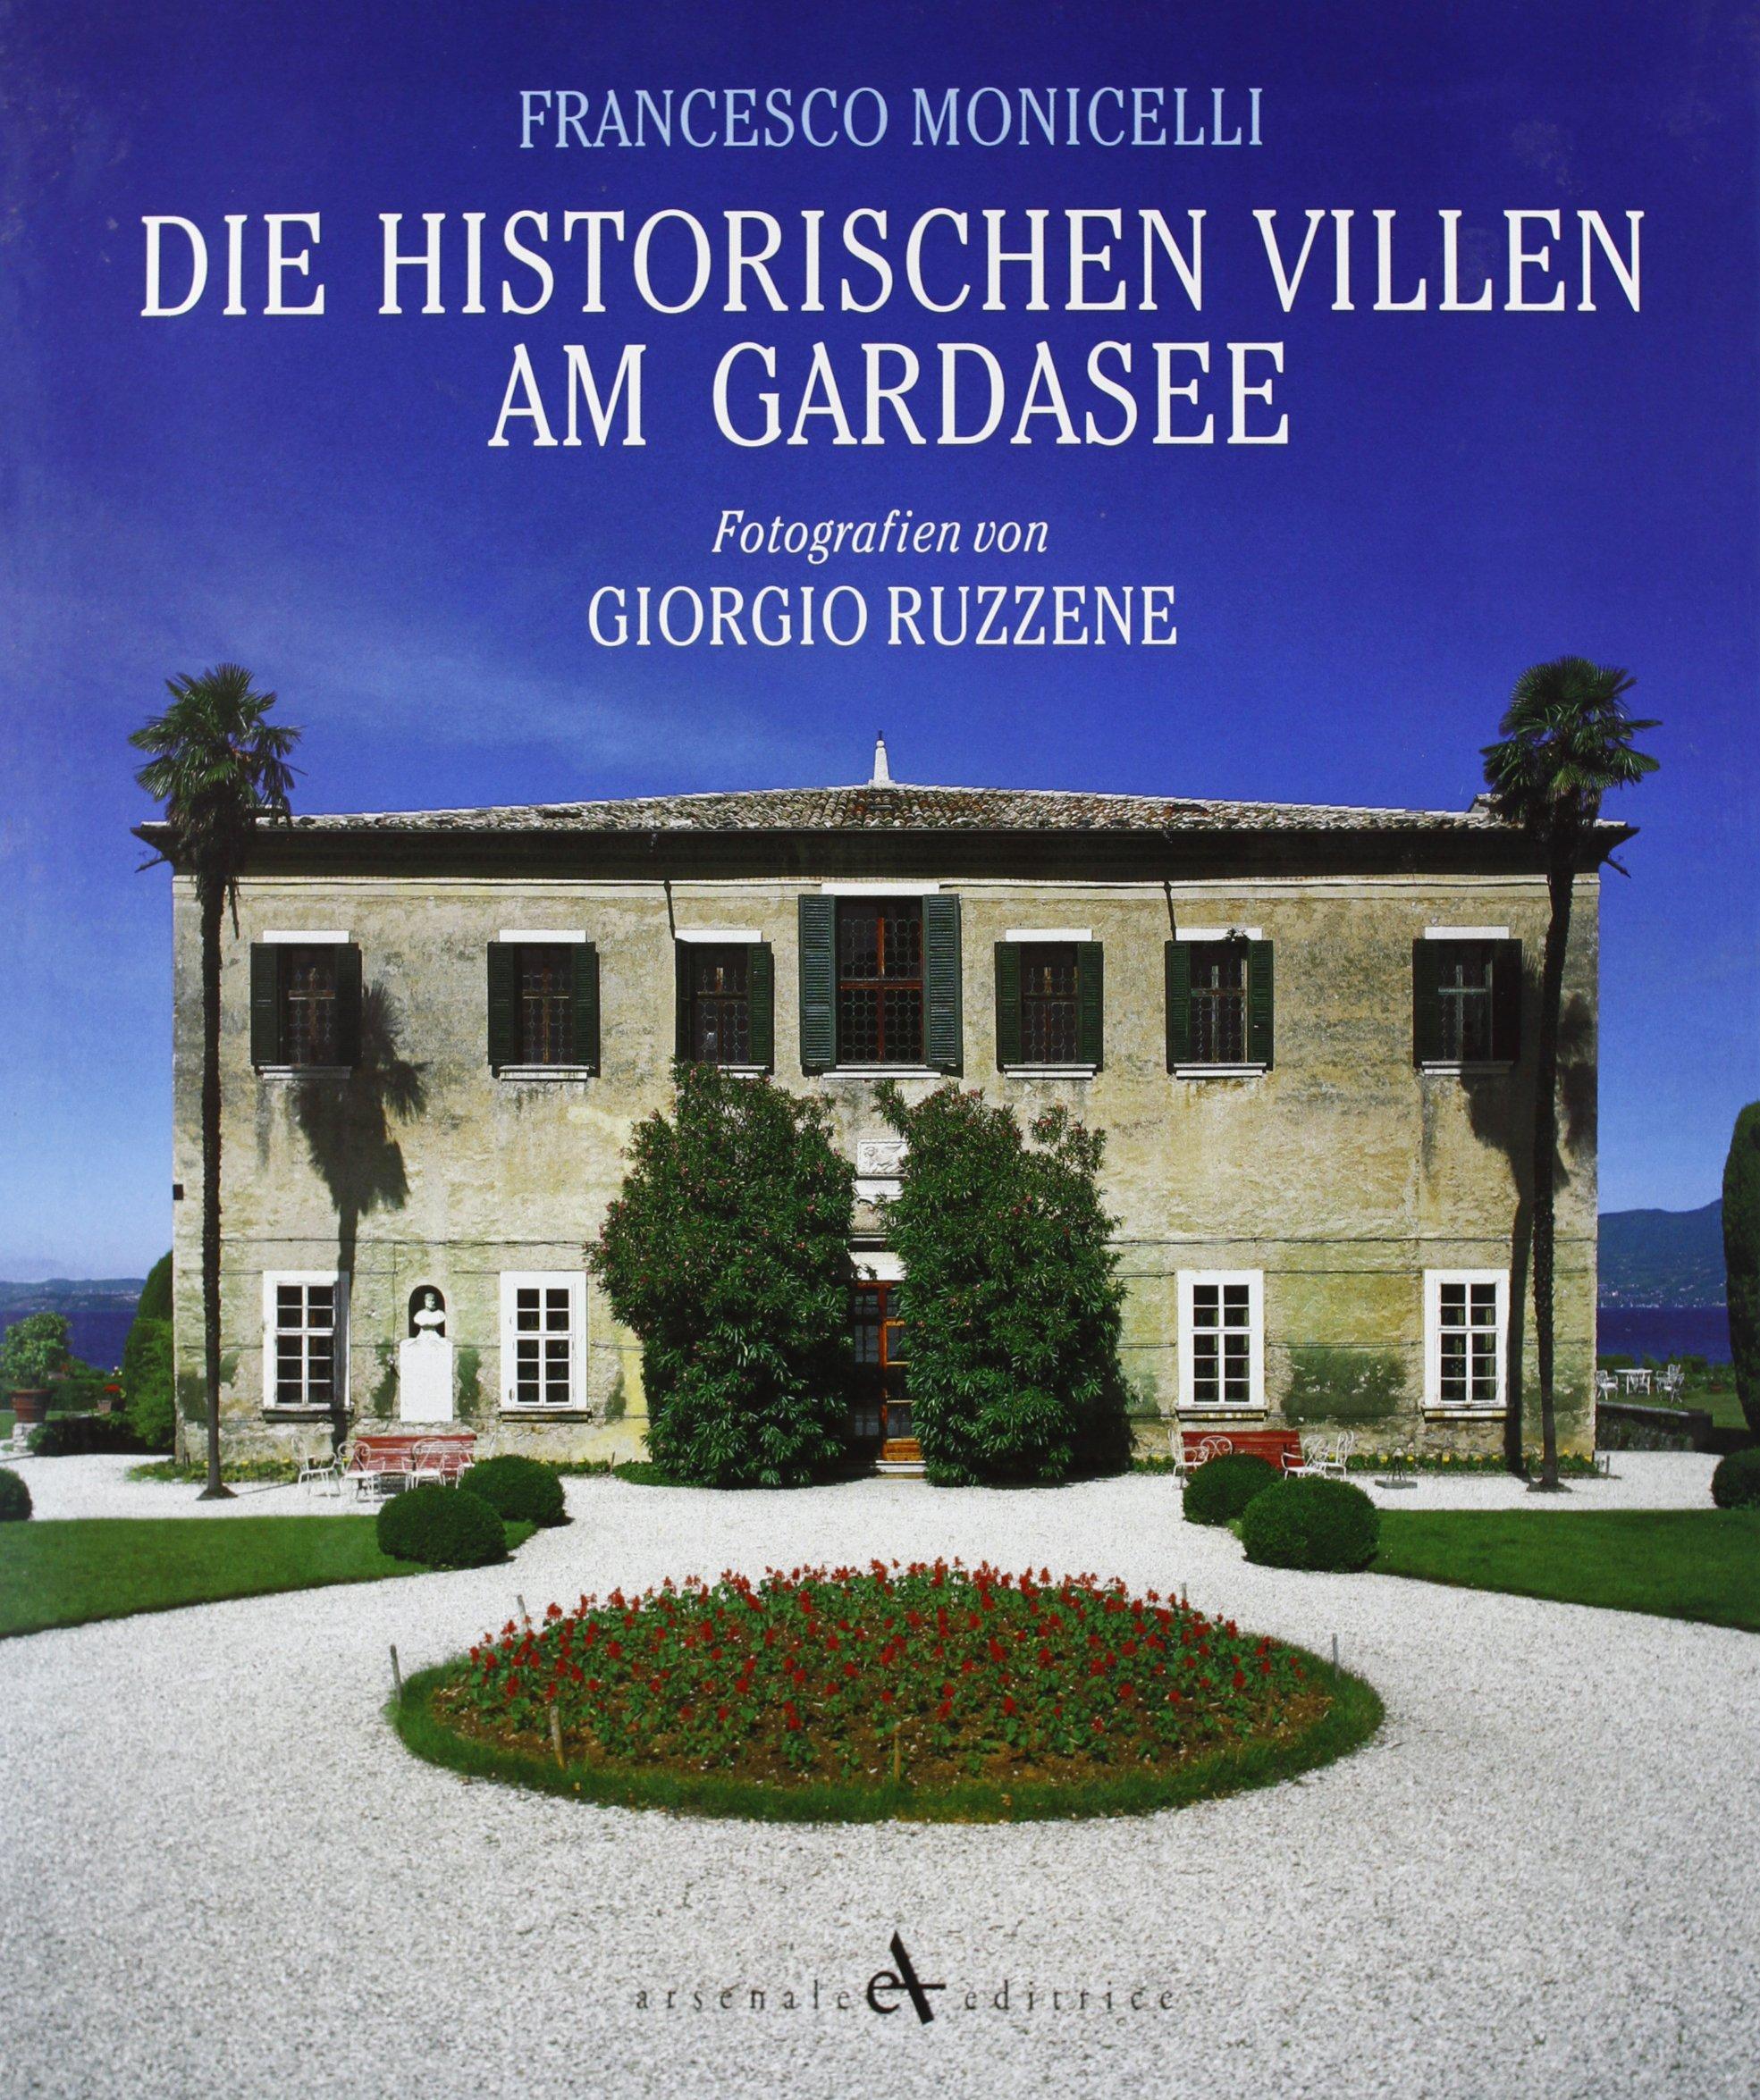 Die historischen villen am gardasee (Storiche dimore d'Italia)